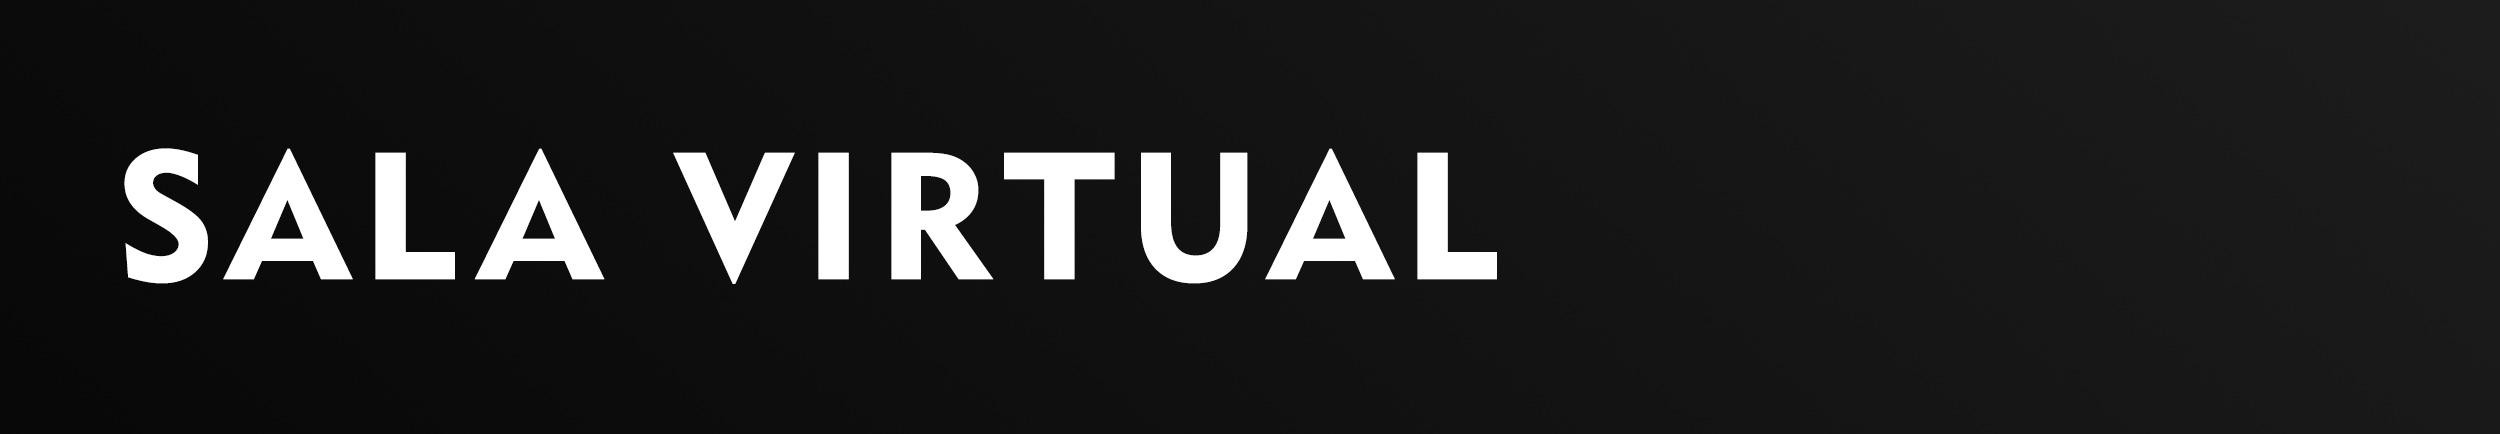 SALA-VIRTUAL-BOTÓN